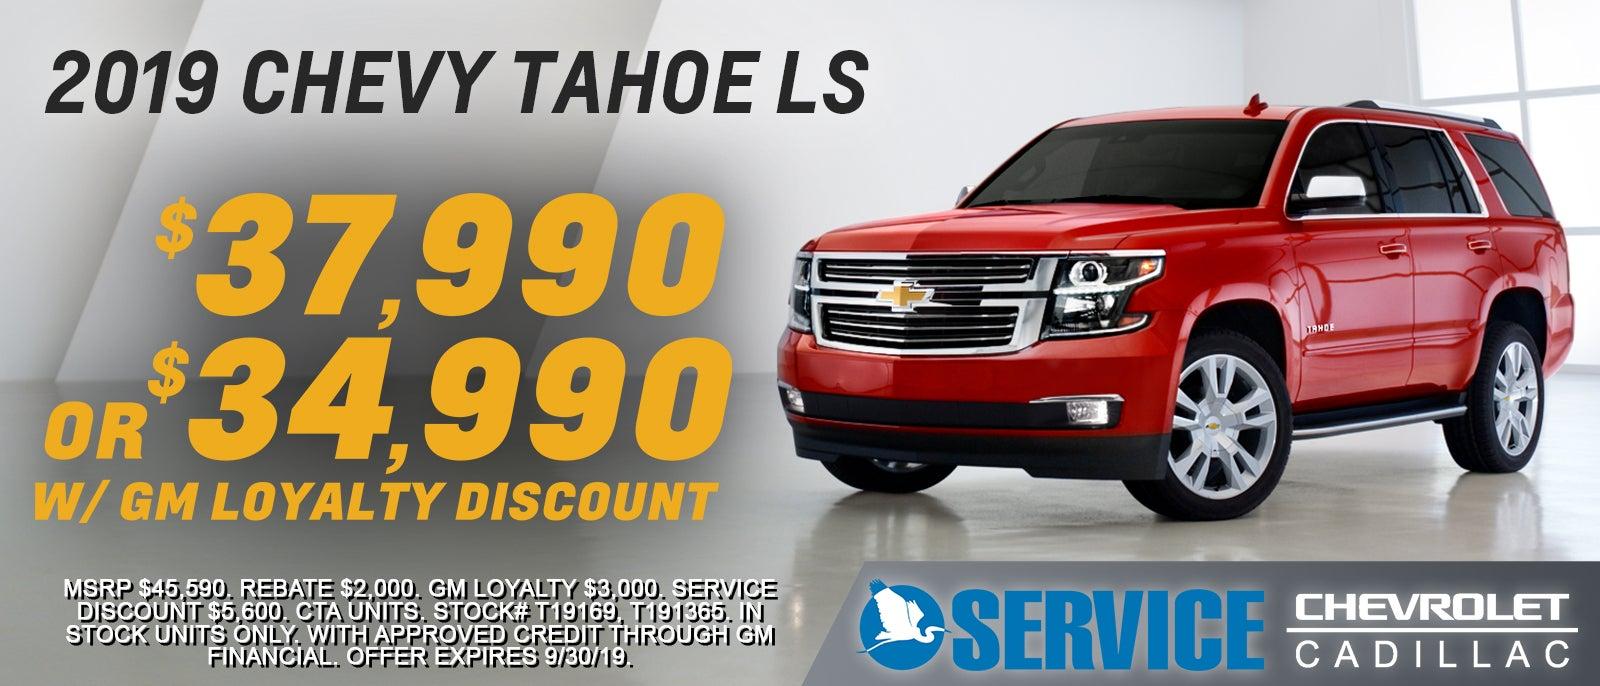 Chevrolet Cadillac For Sale Lafayette La Service